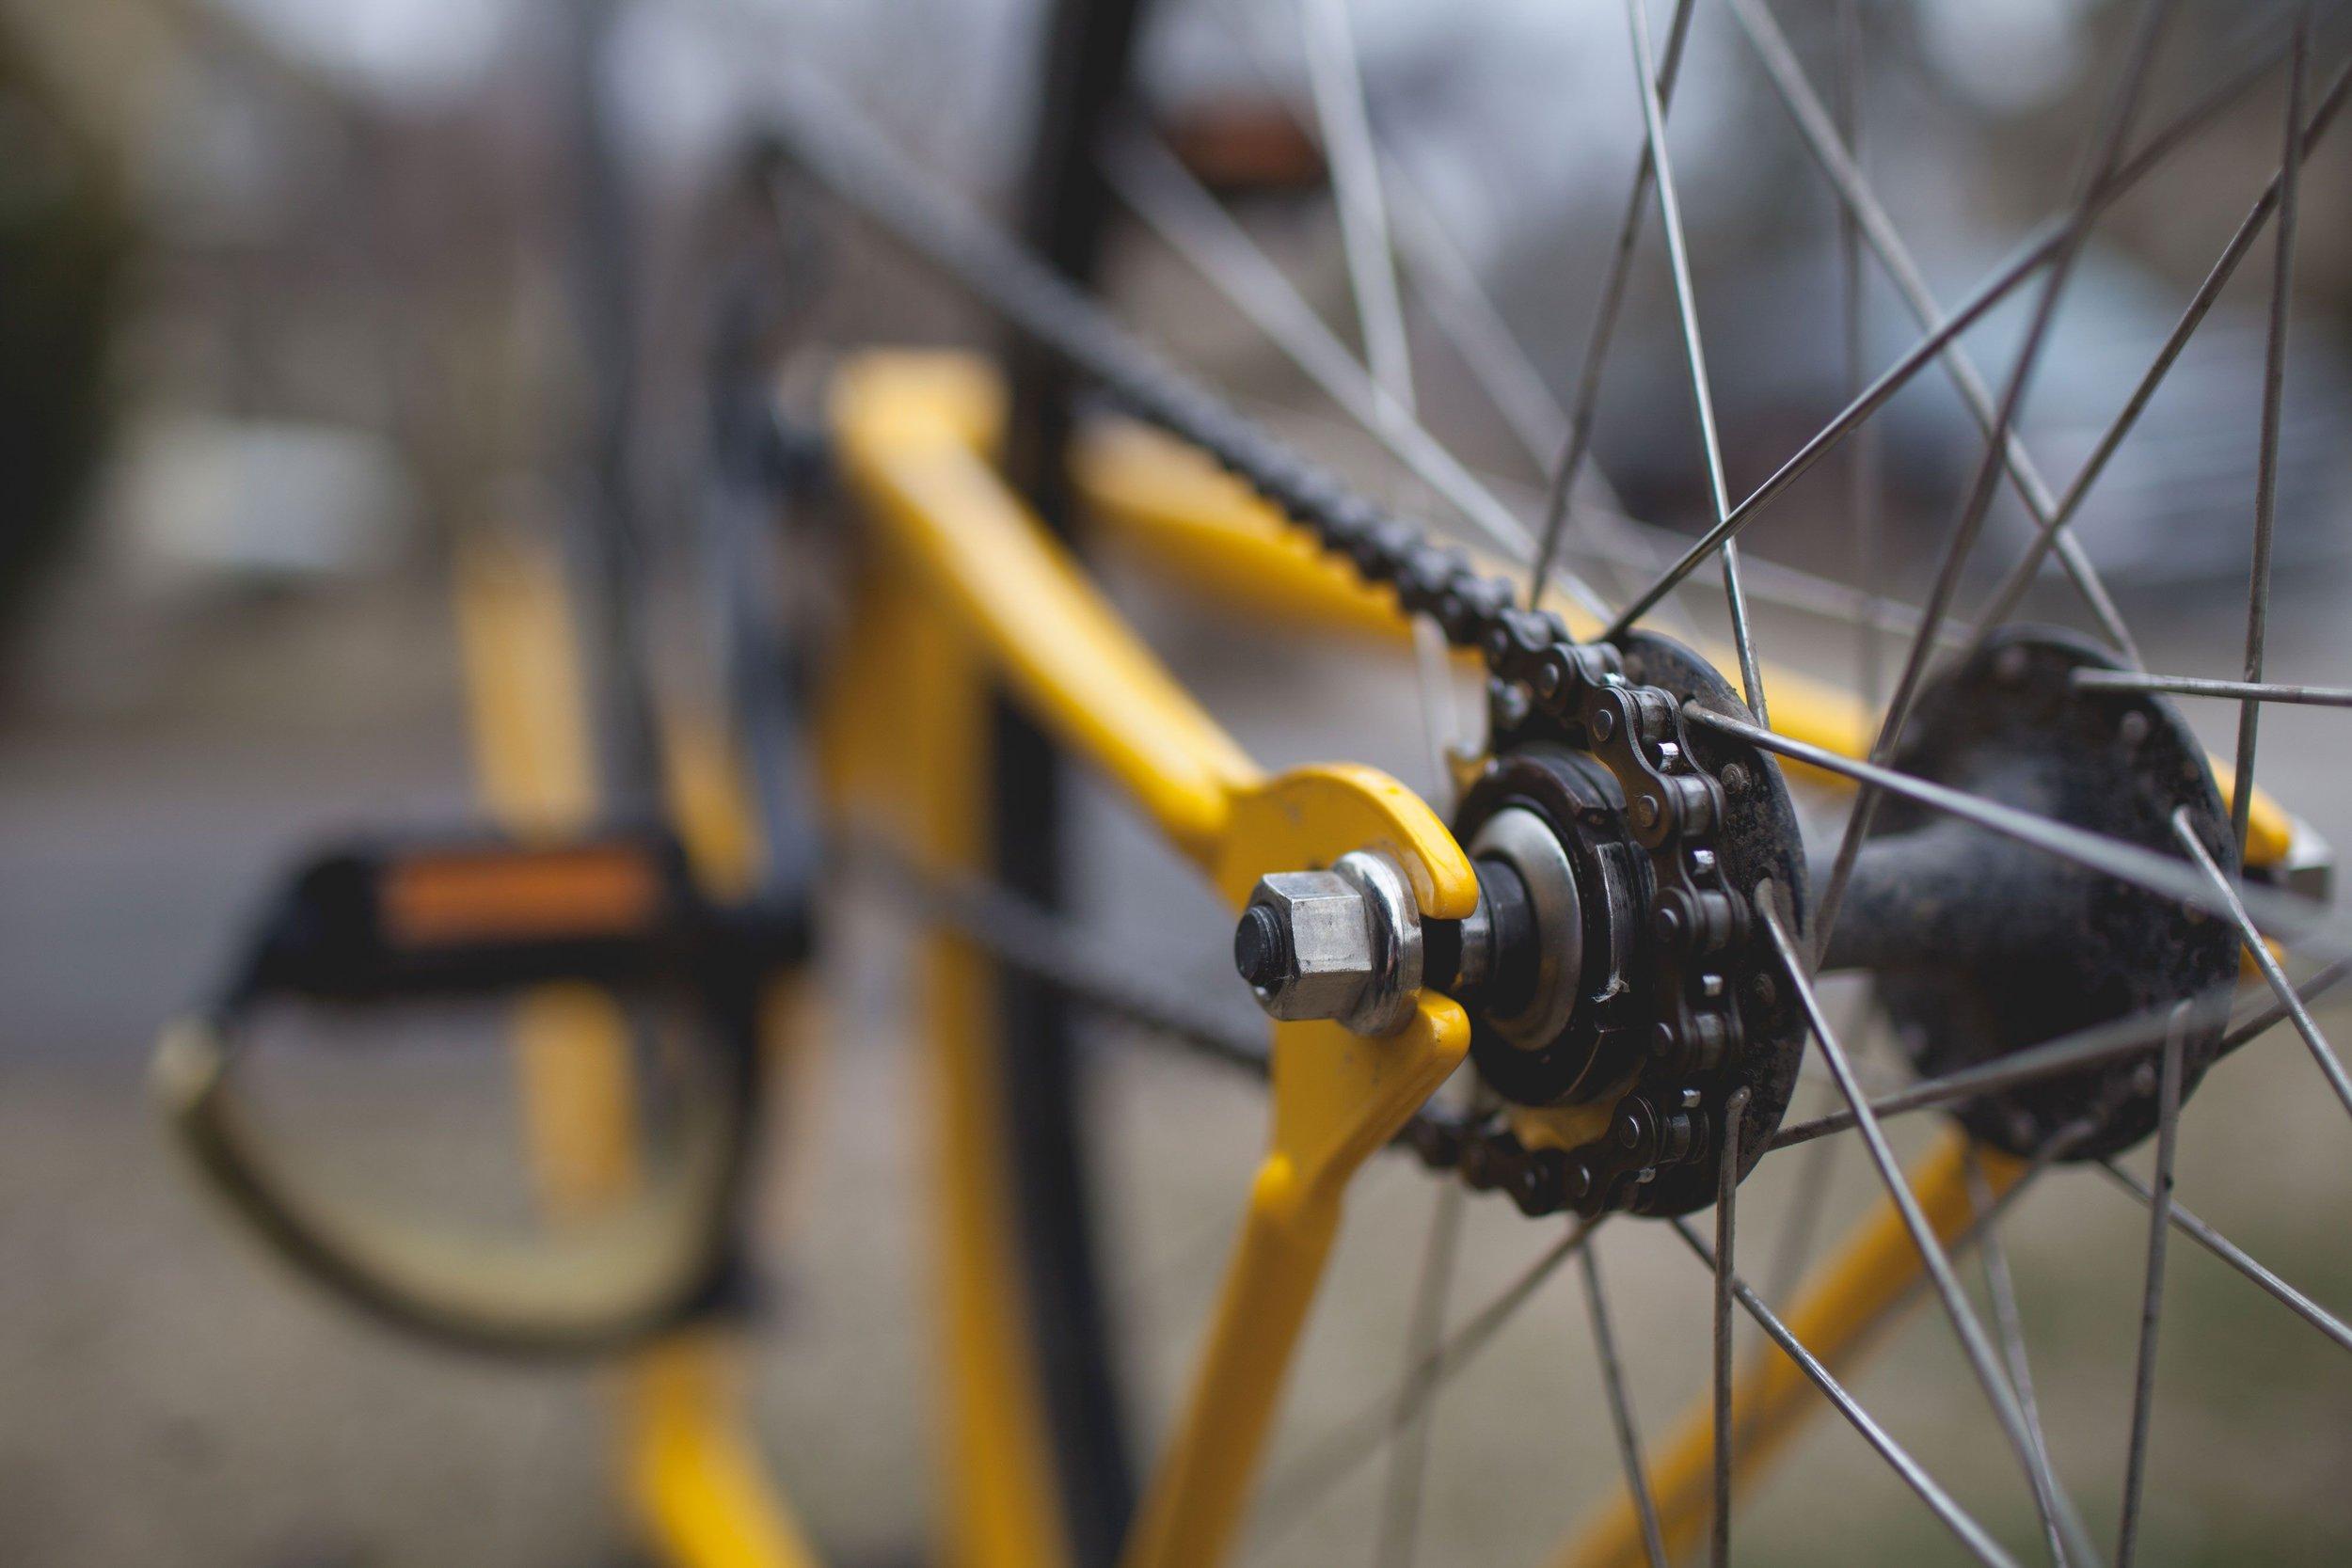 creekside-bike-fitting.jpg